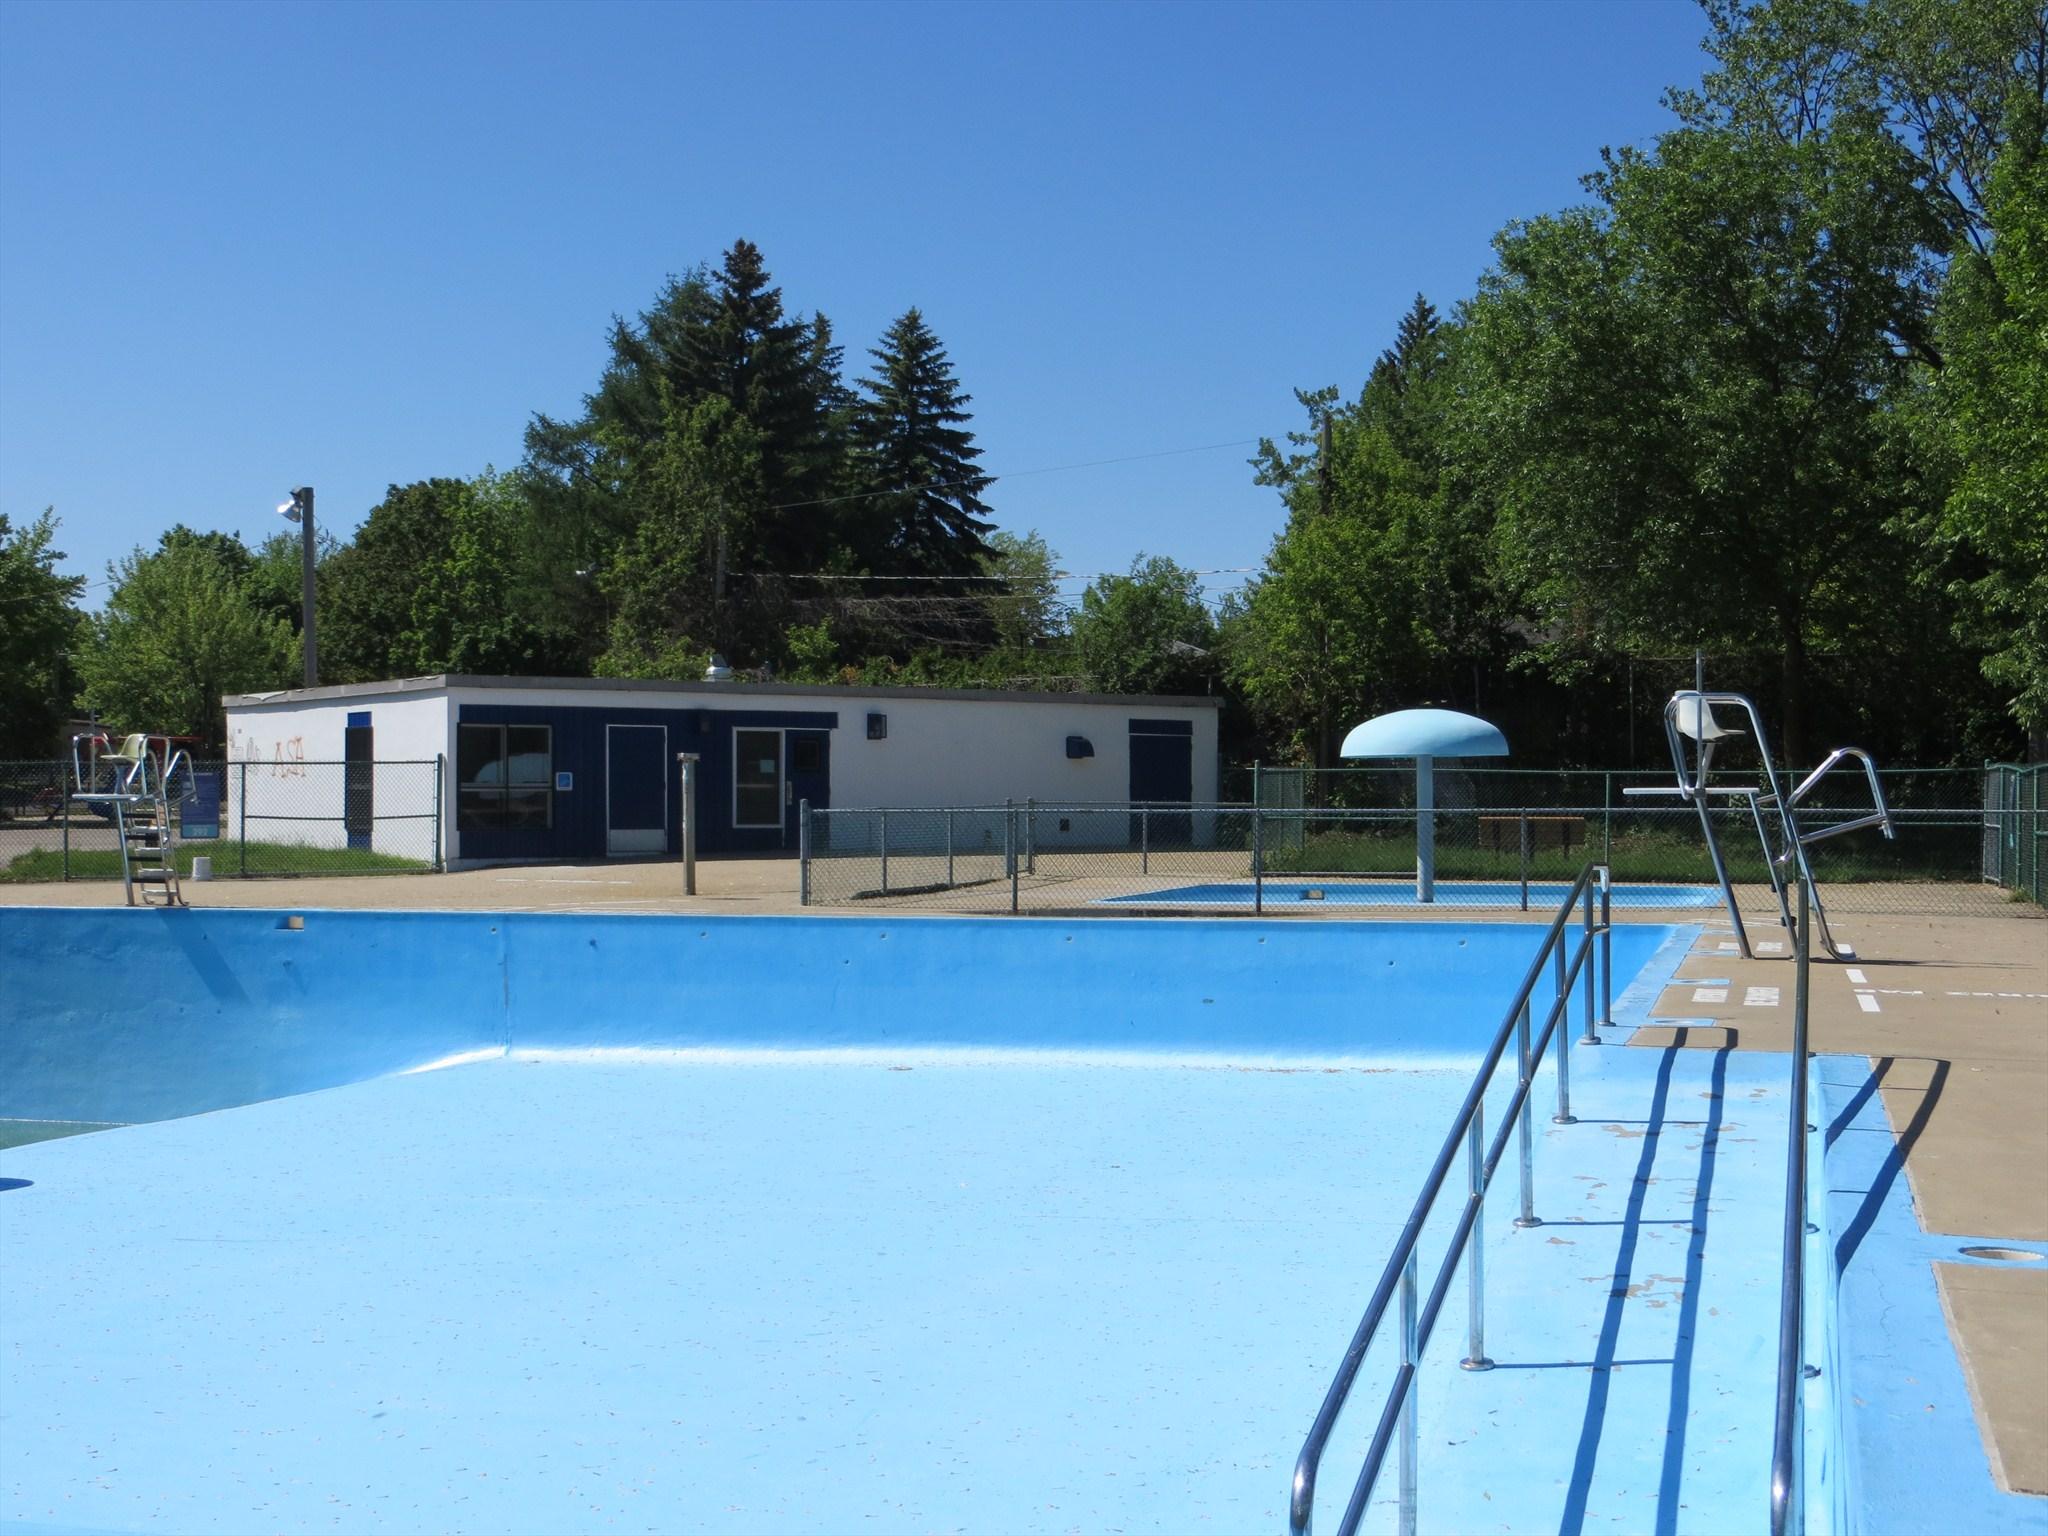 Piscine parc couvrette laval qc canada image for Photo piscine 8 par 4